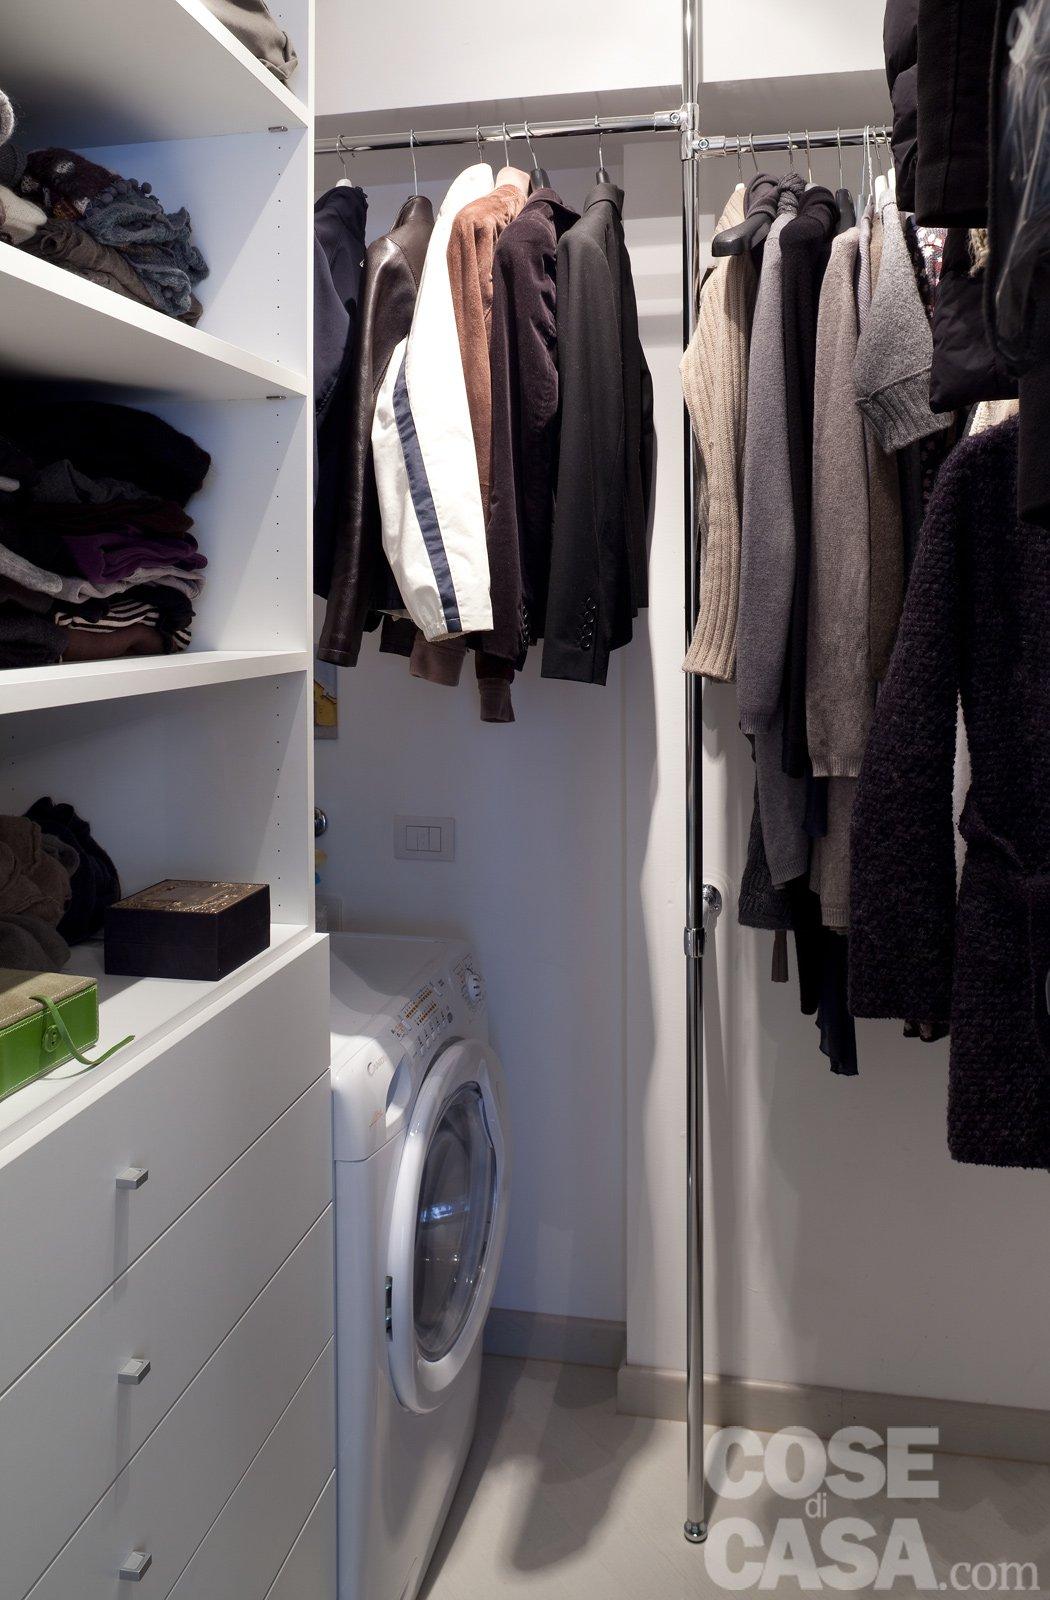 44 mq: una stanza in più in casa - Cose di Casa